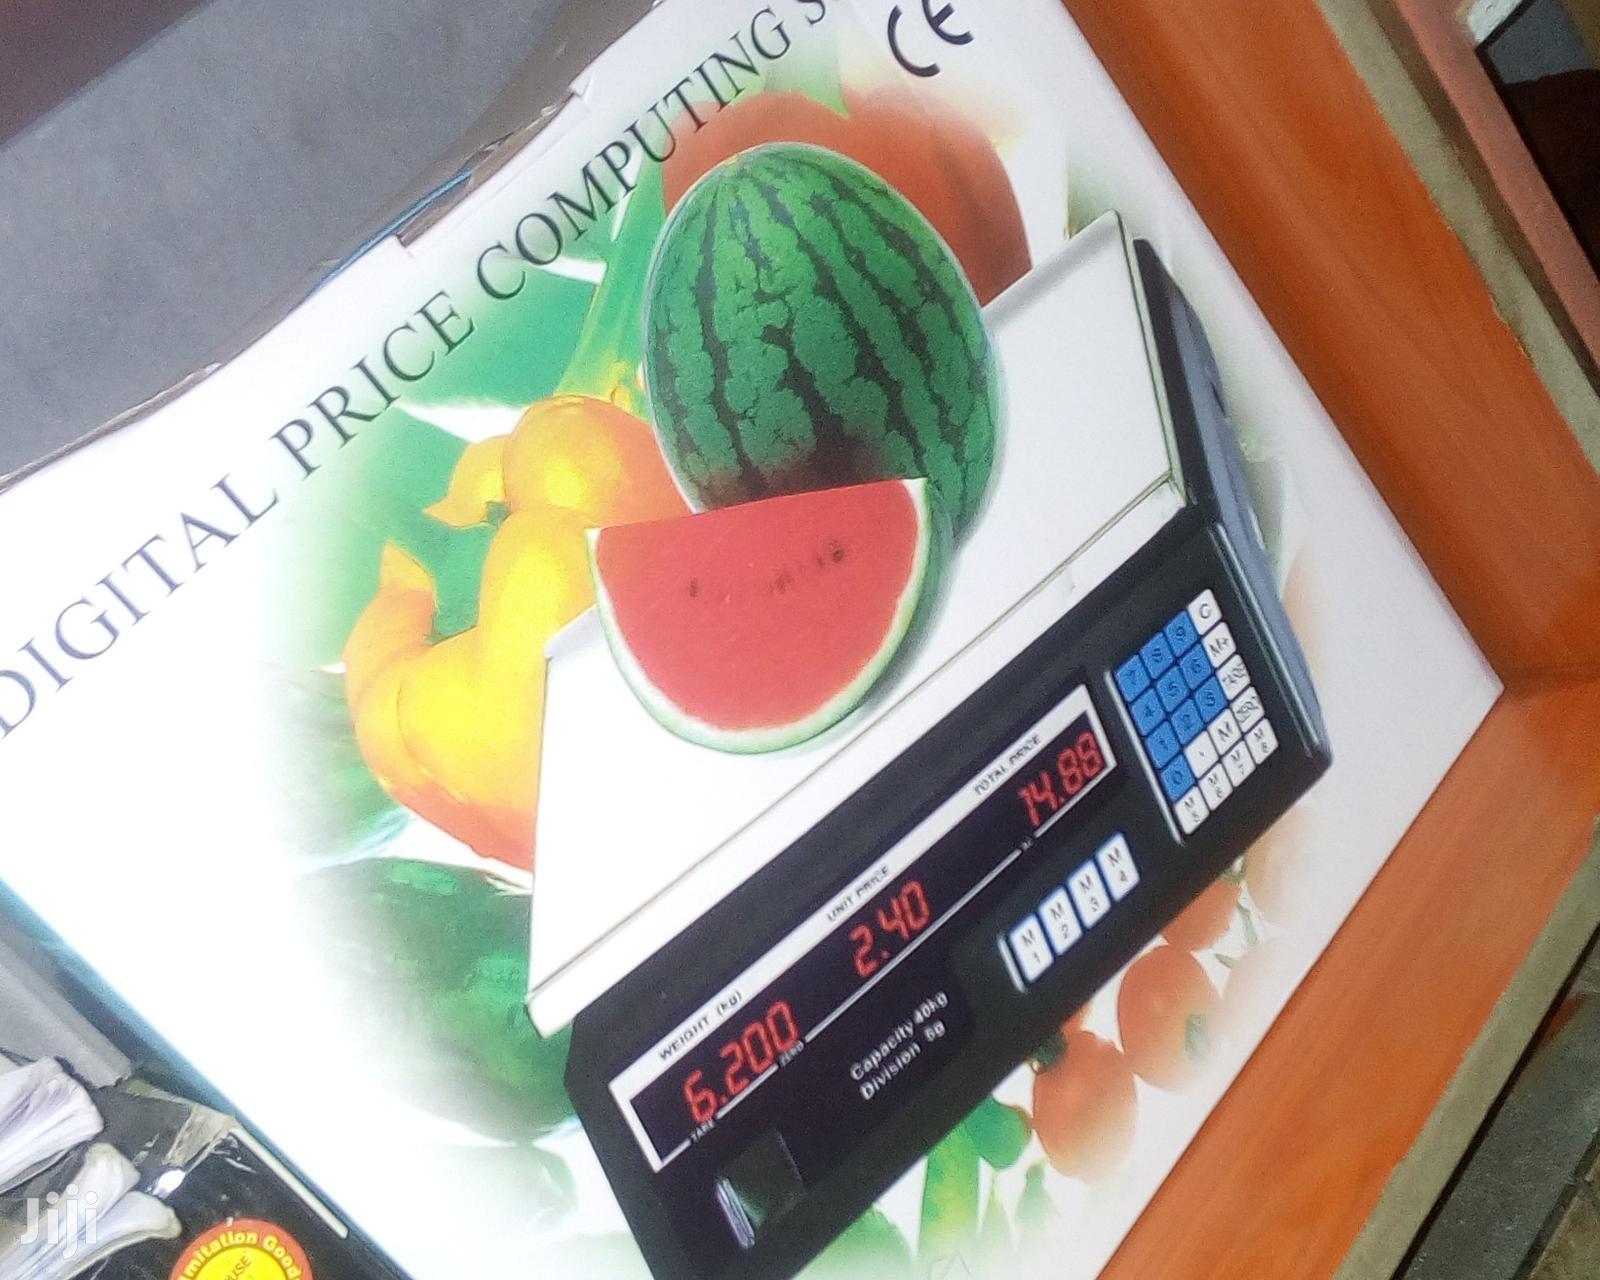 30kgs Digital Weighing Scale